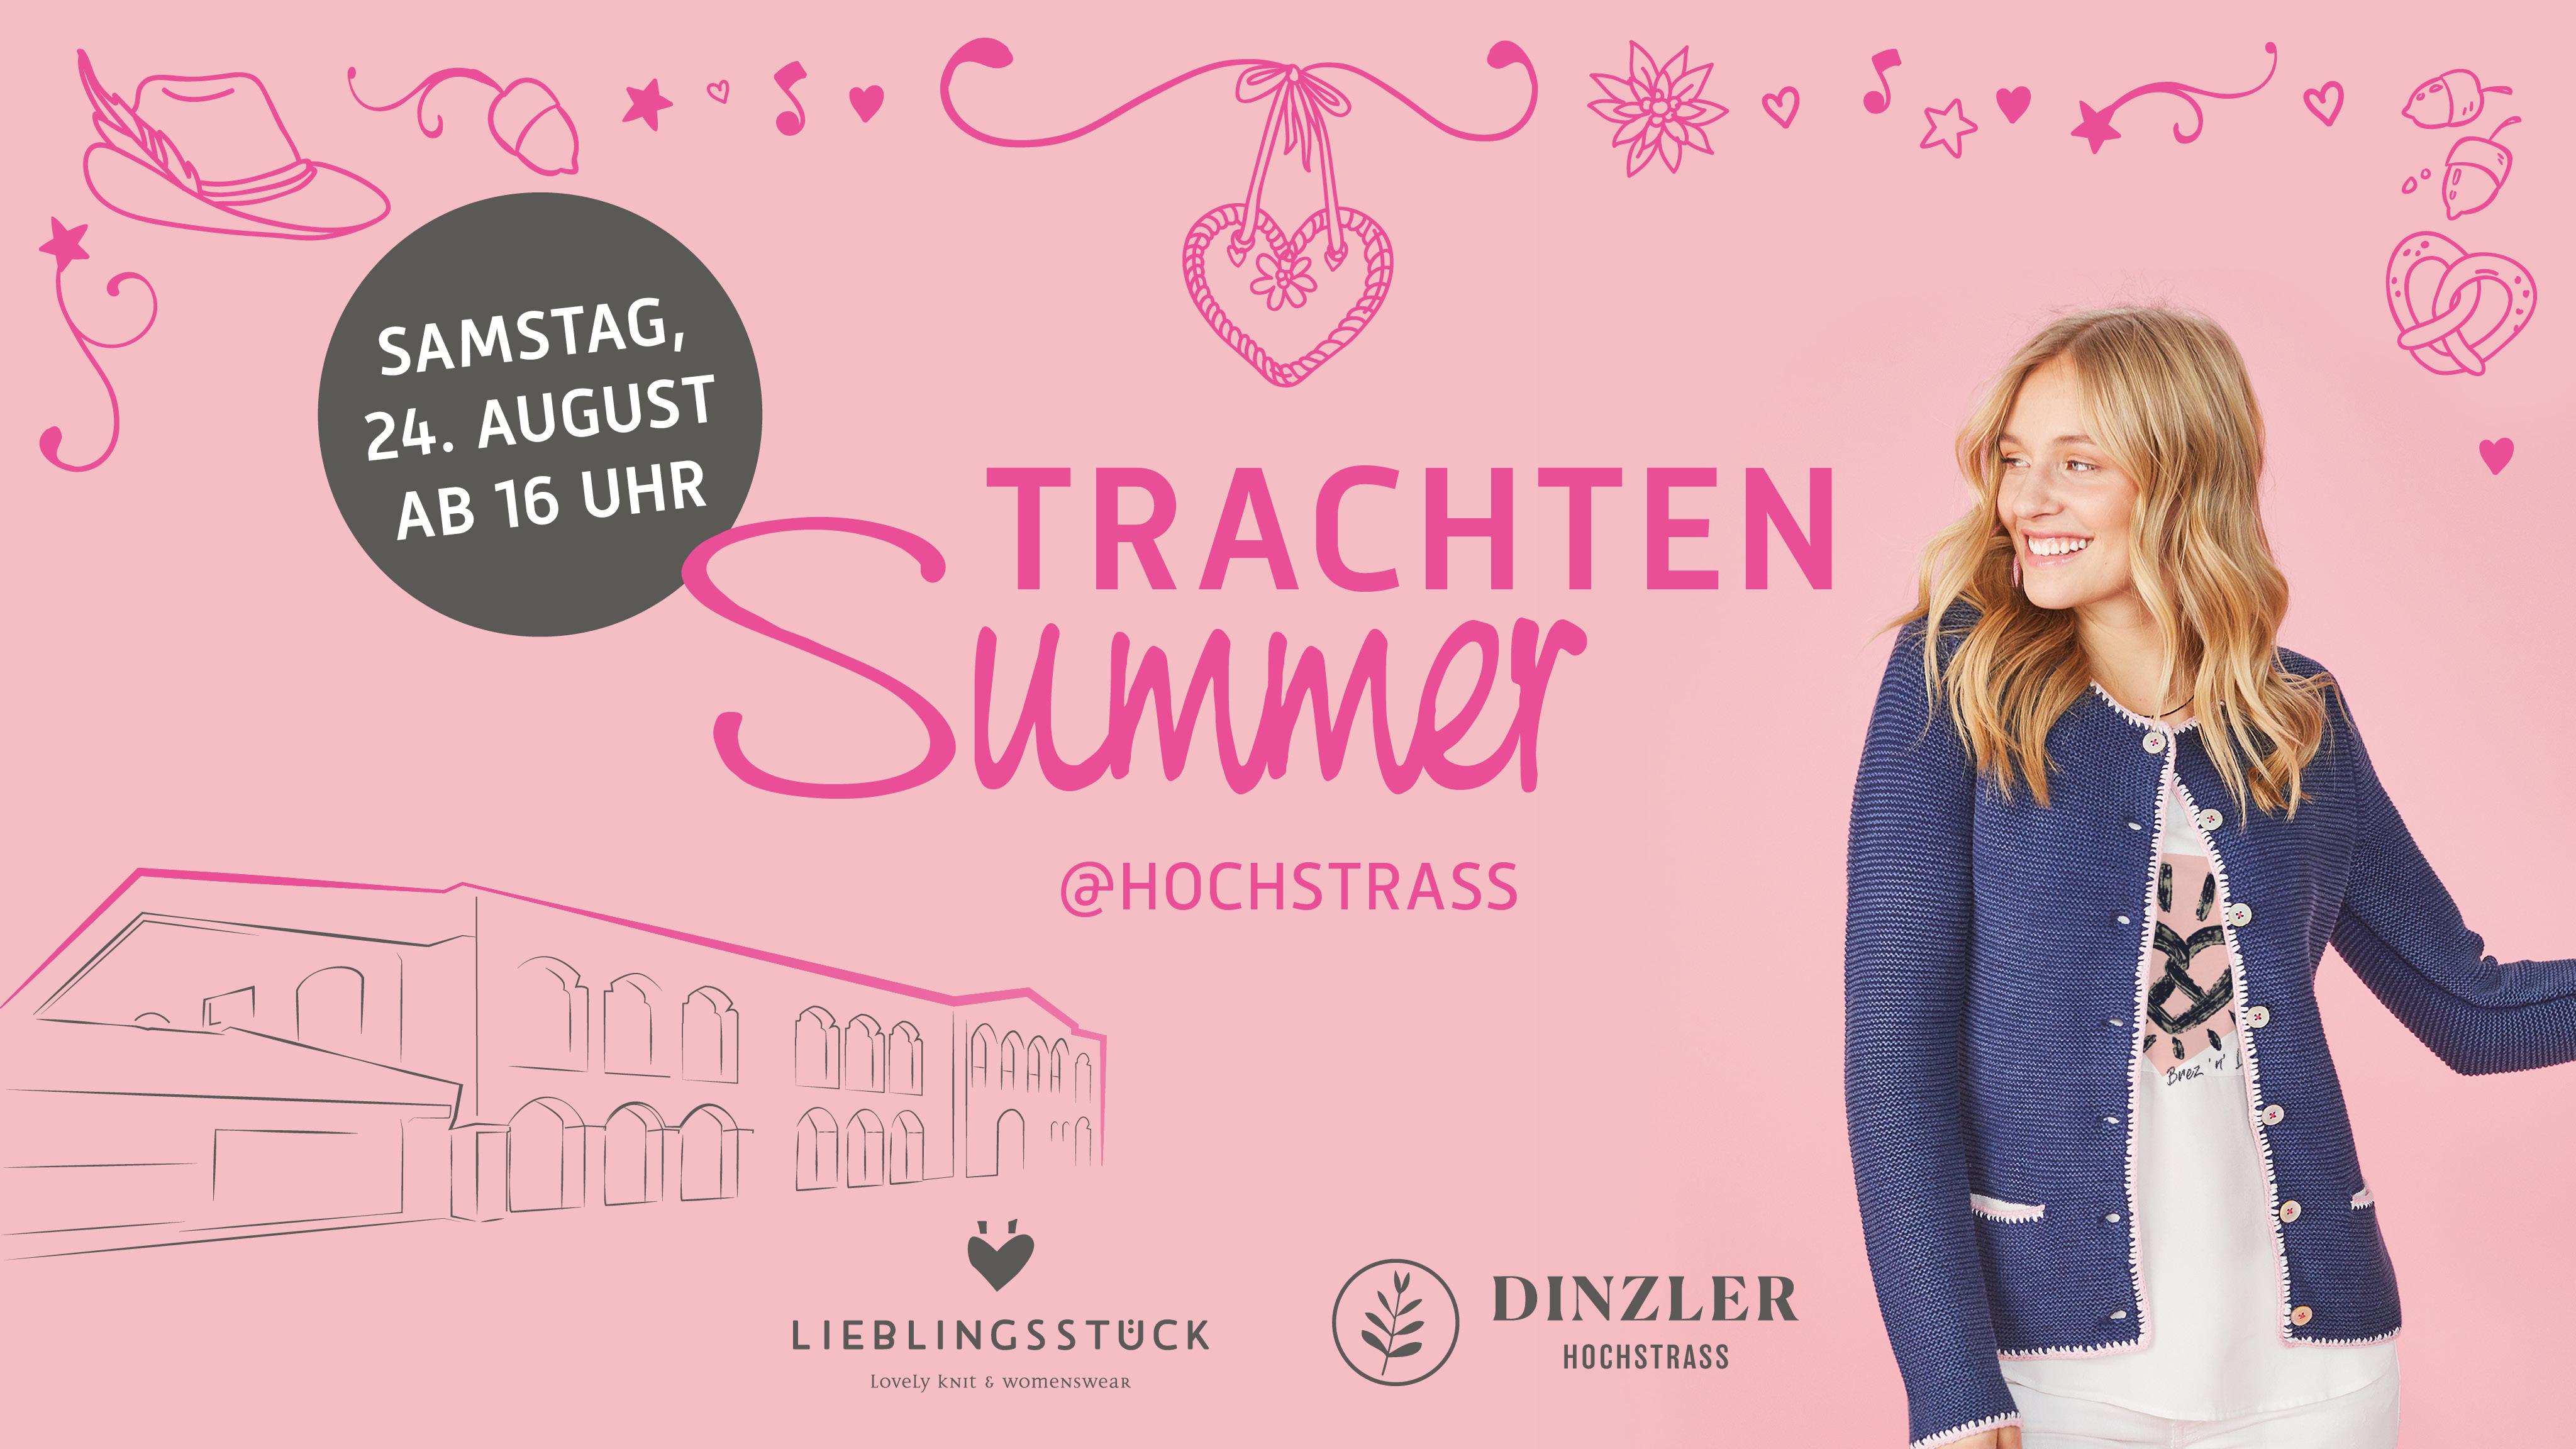 Lieblingsstueck Trachten Summer Hochstrass Raubling Dinzler